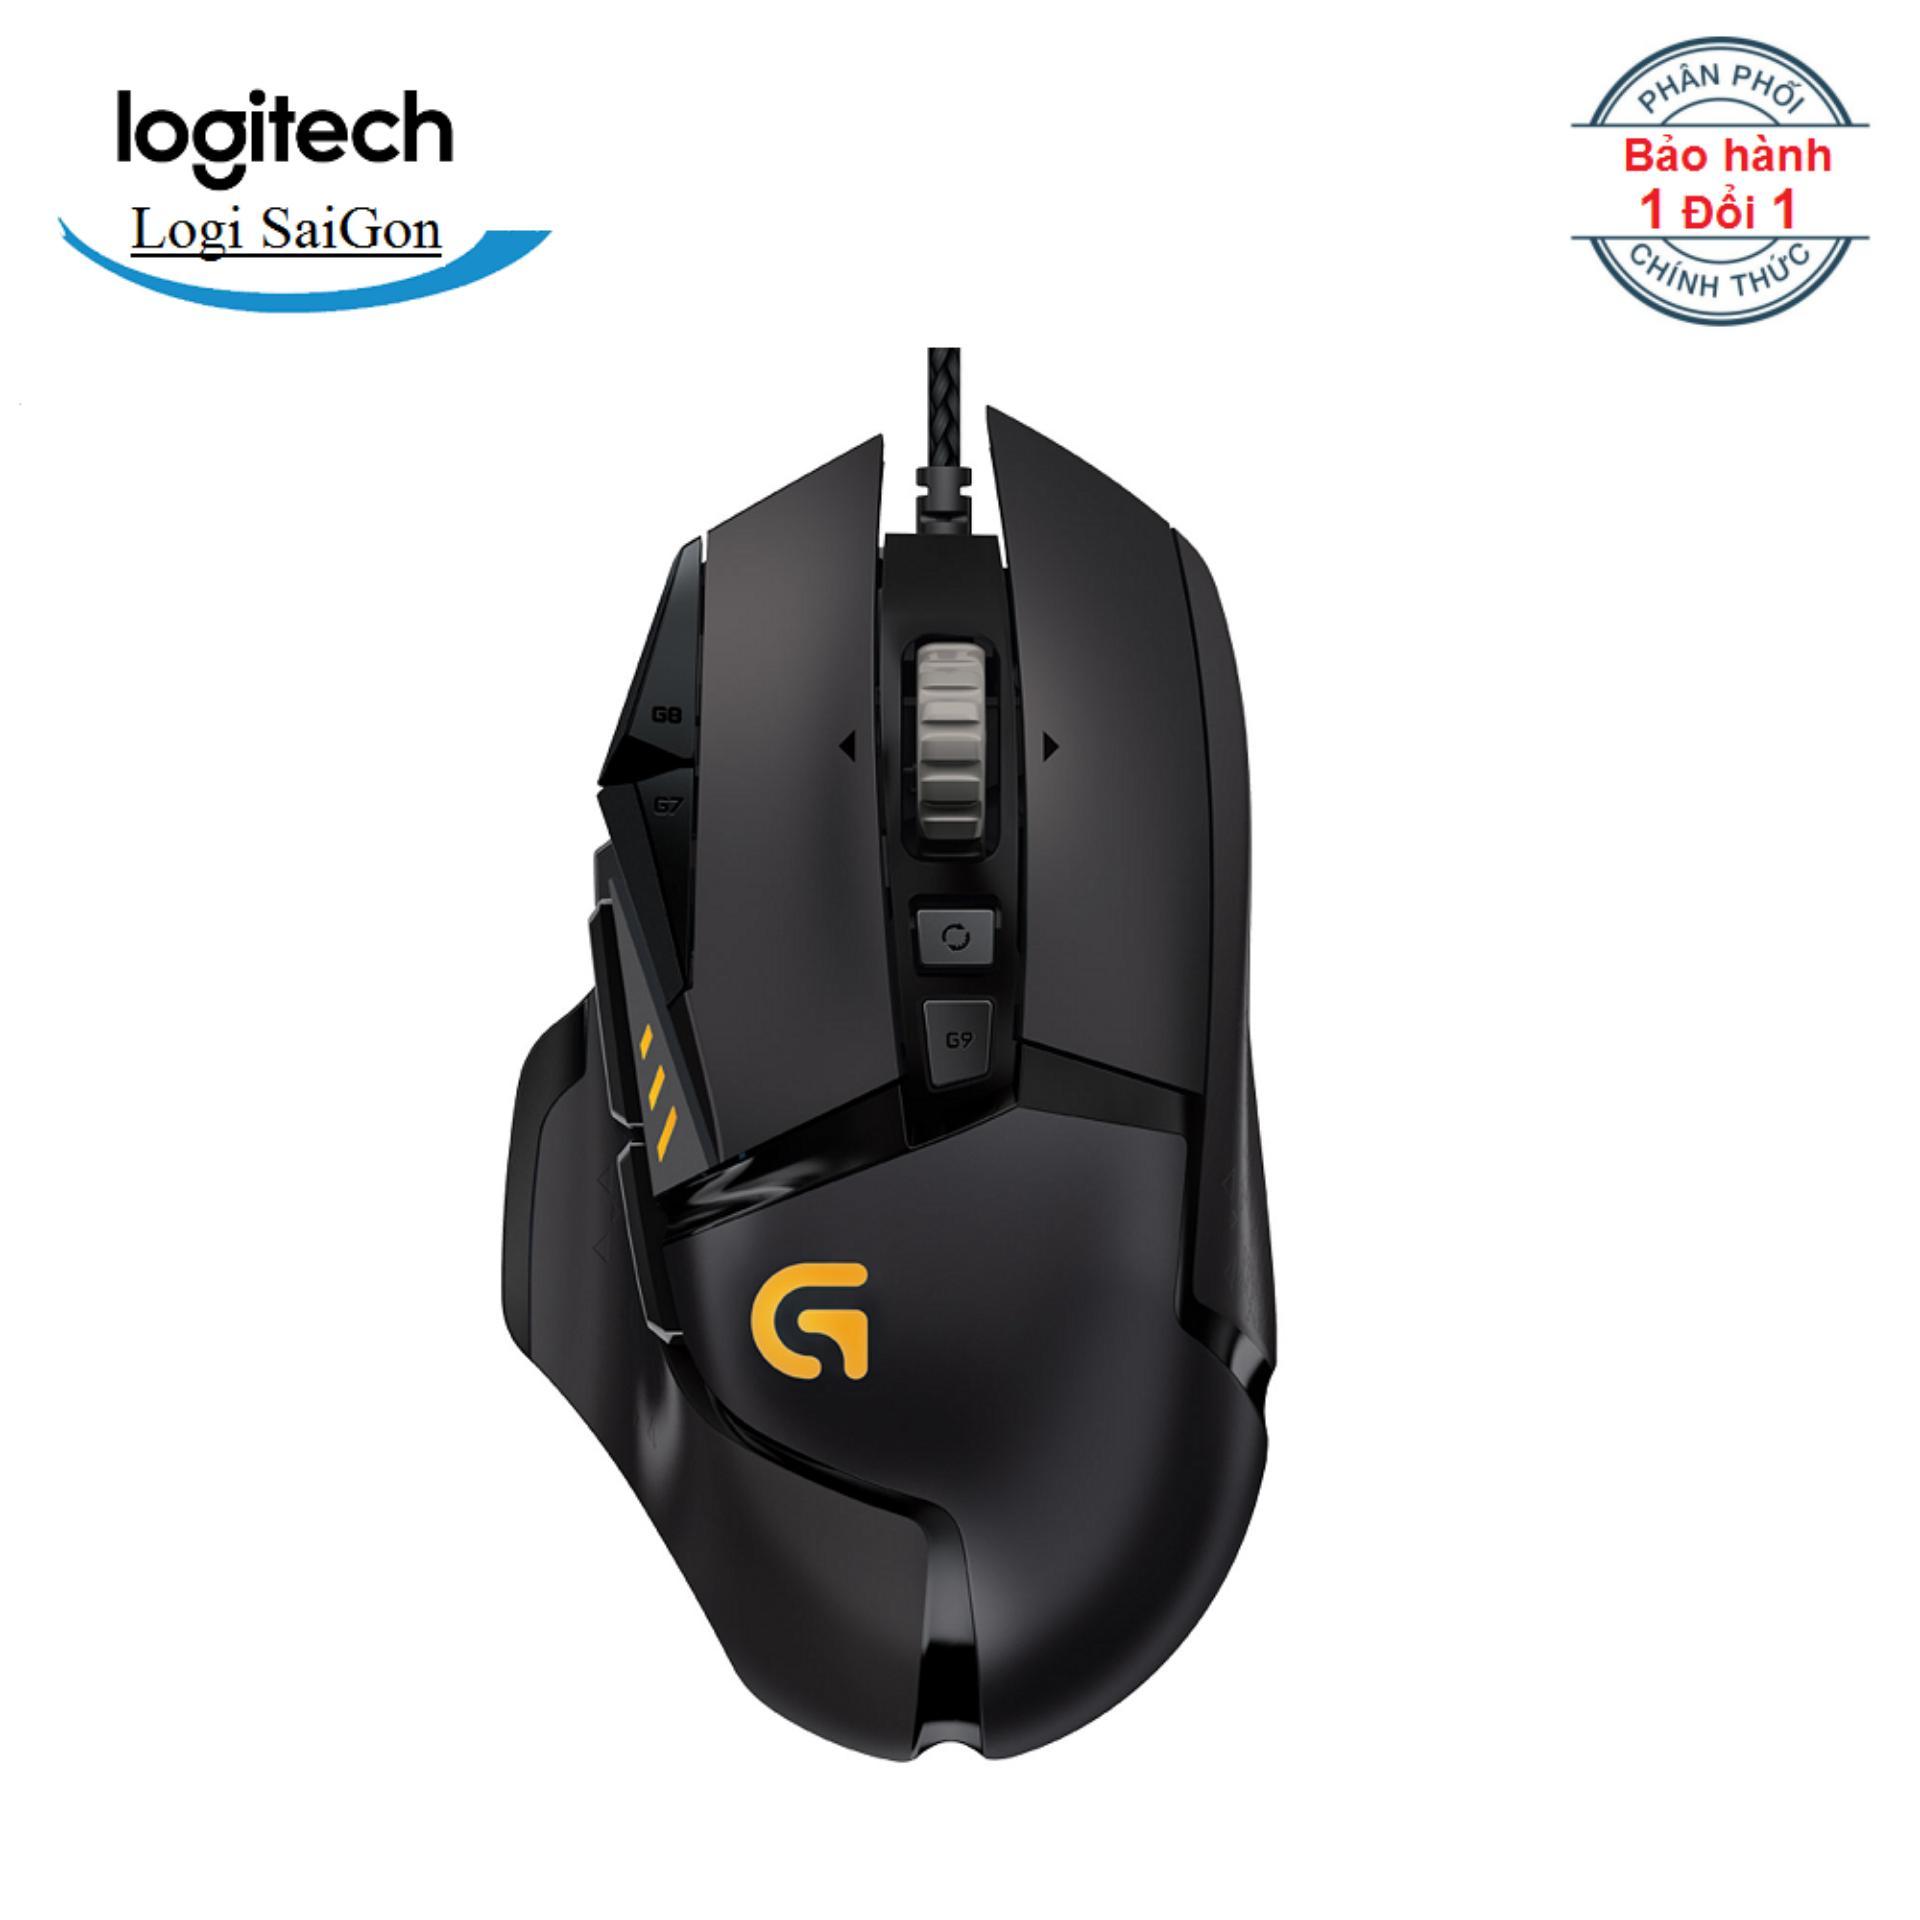 Chuột game Logitech G502 Proteus Spectrum RGB - Hãng phân phối chính thức